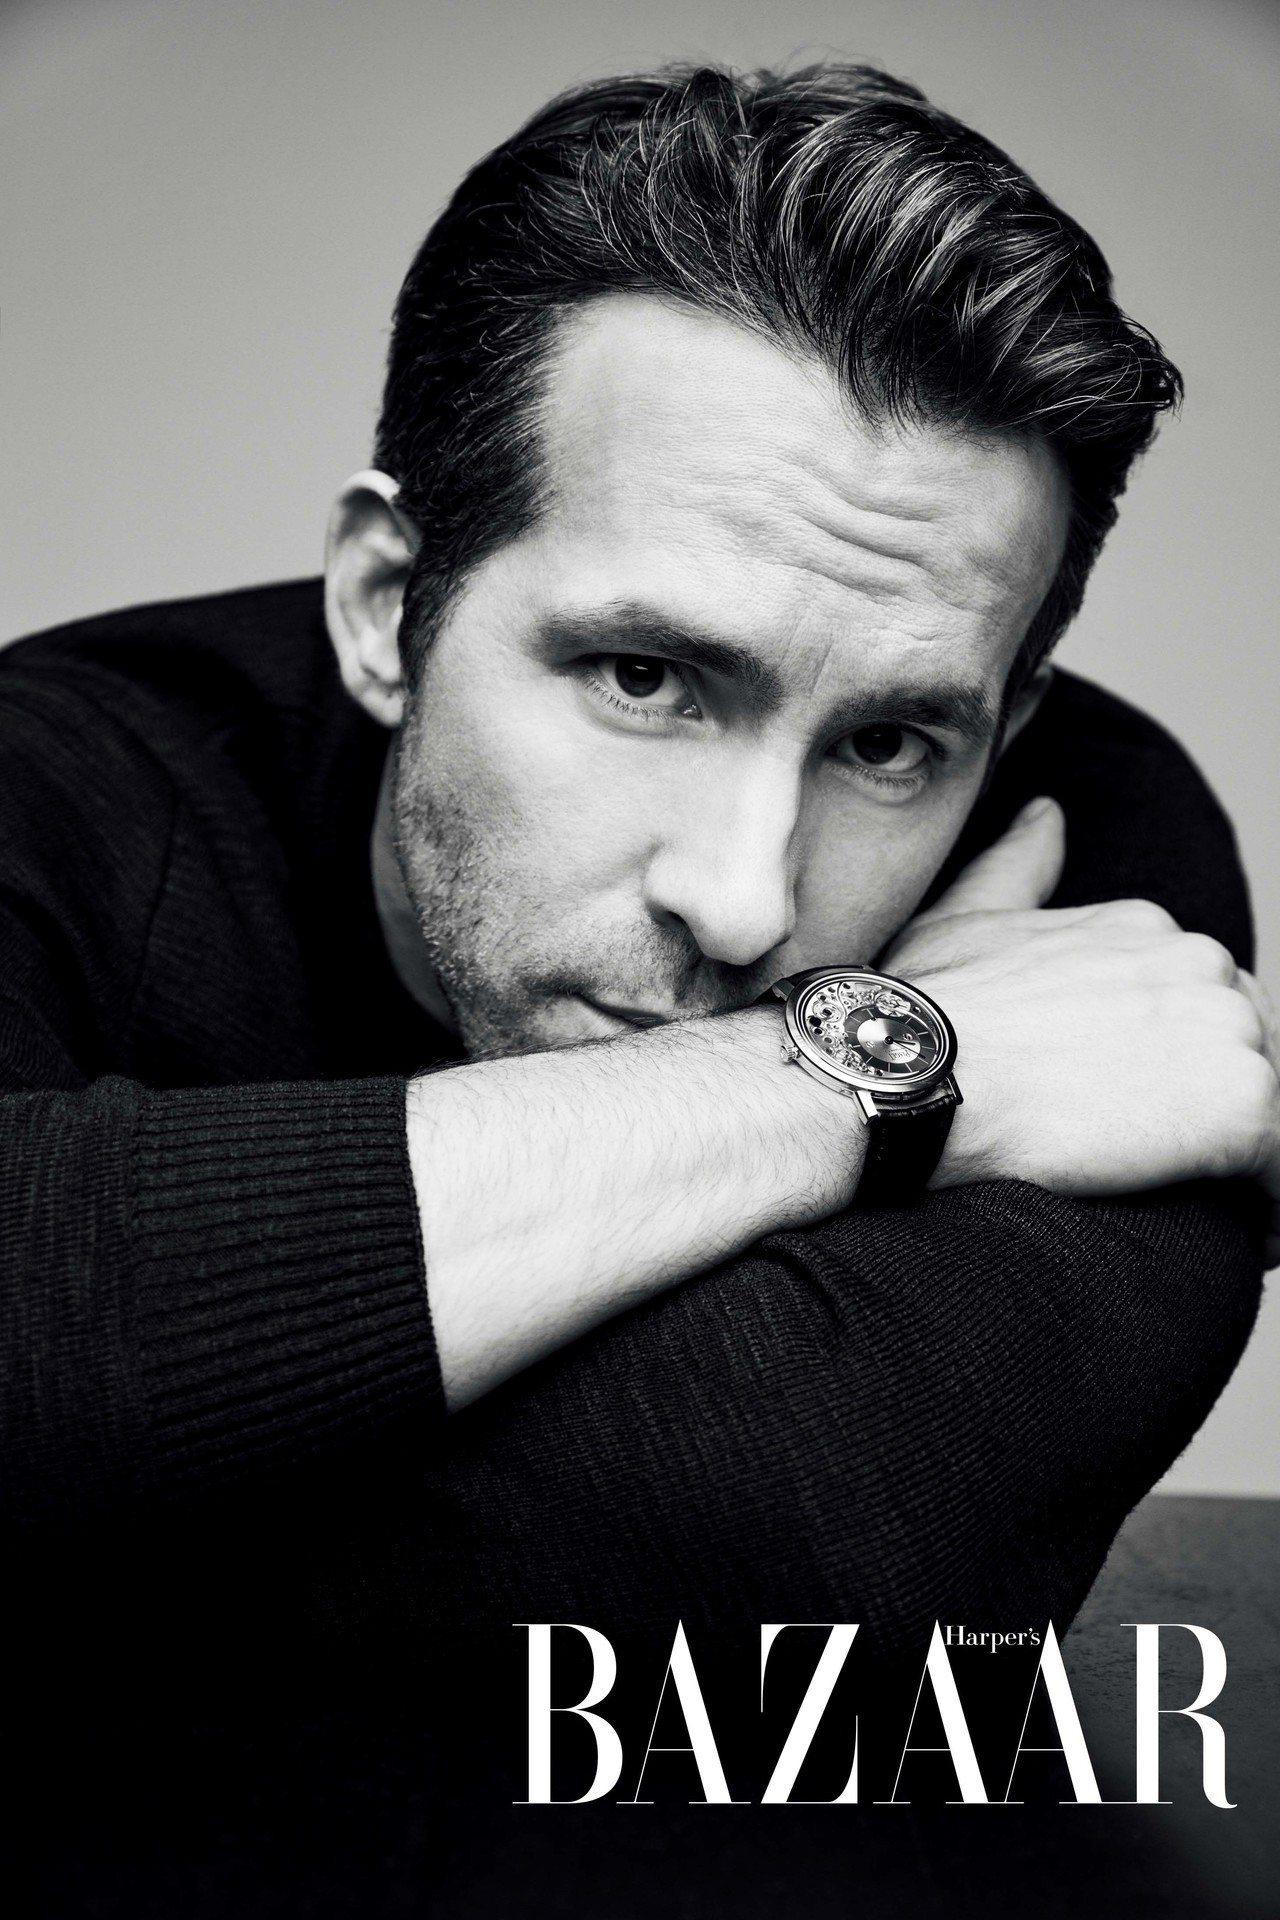 針織衫,Dunhill;腕錶,Piaget